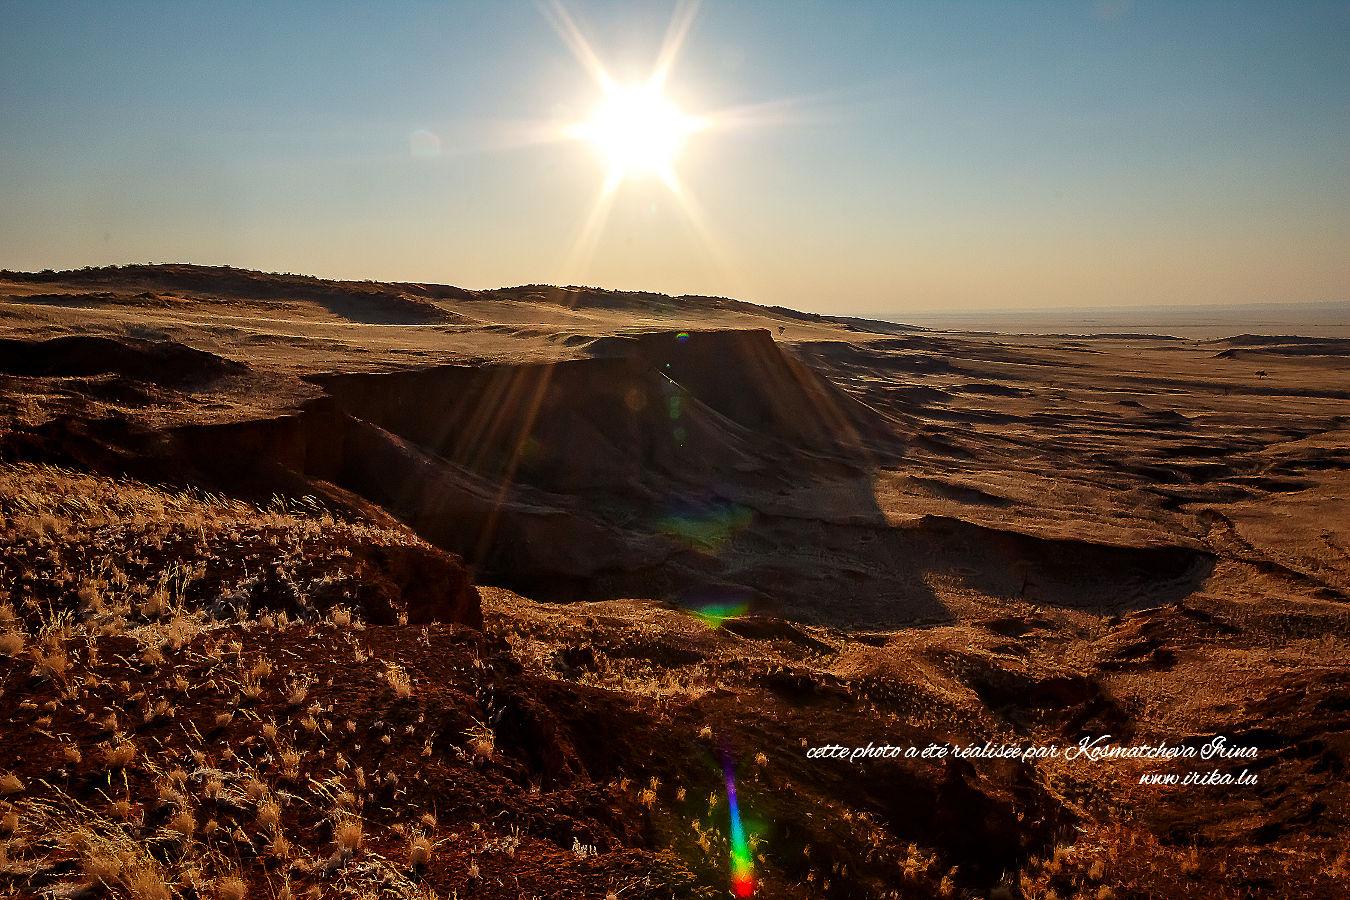 Soirée dans le désert africain